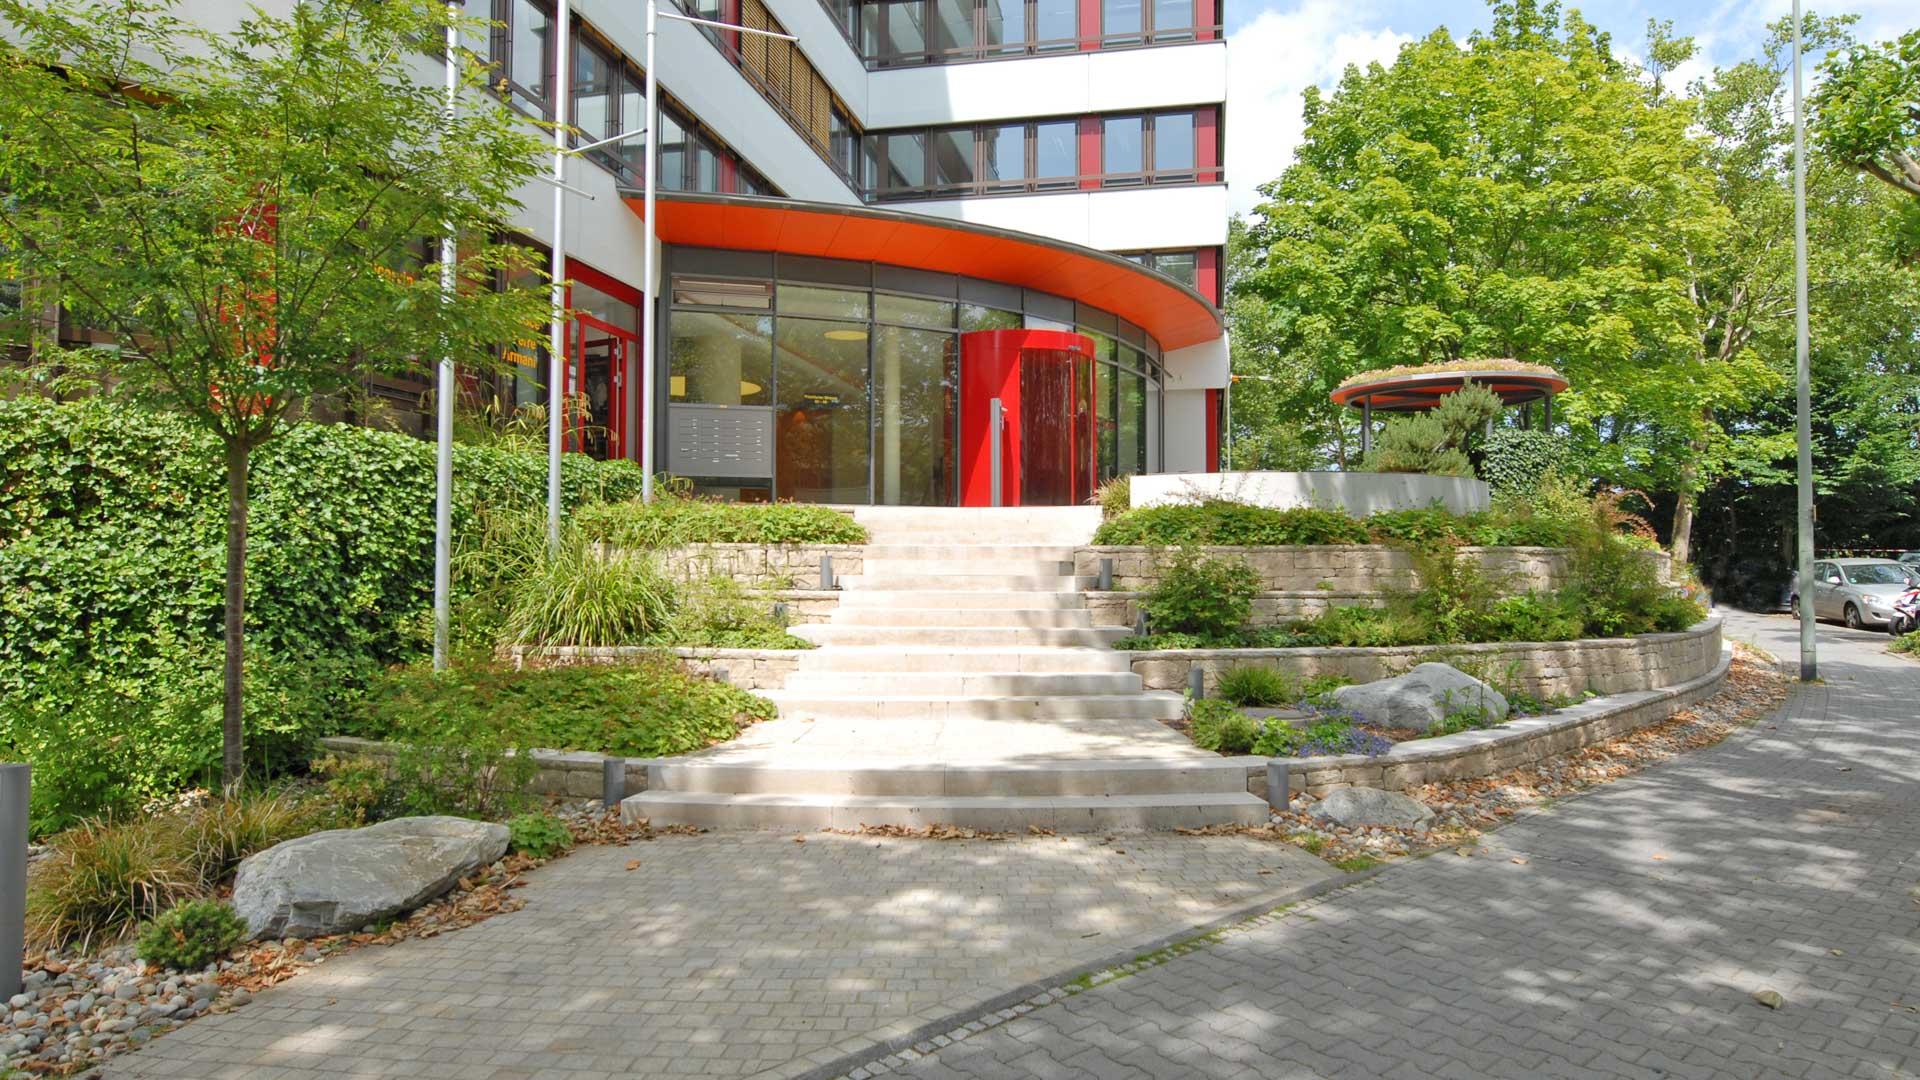 Treppenaufgang zu einem nach Feng Shui gestaltetem Außenbereich vor einem Bürogebäude